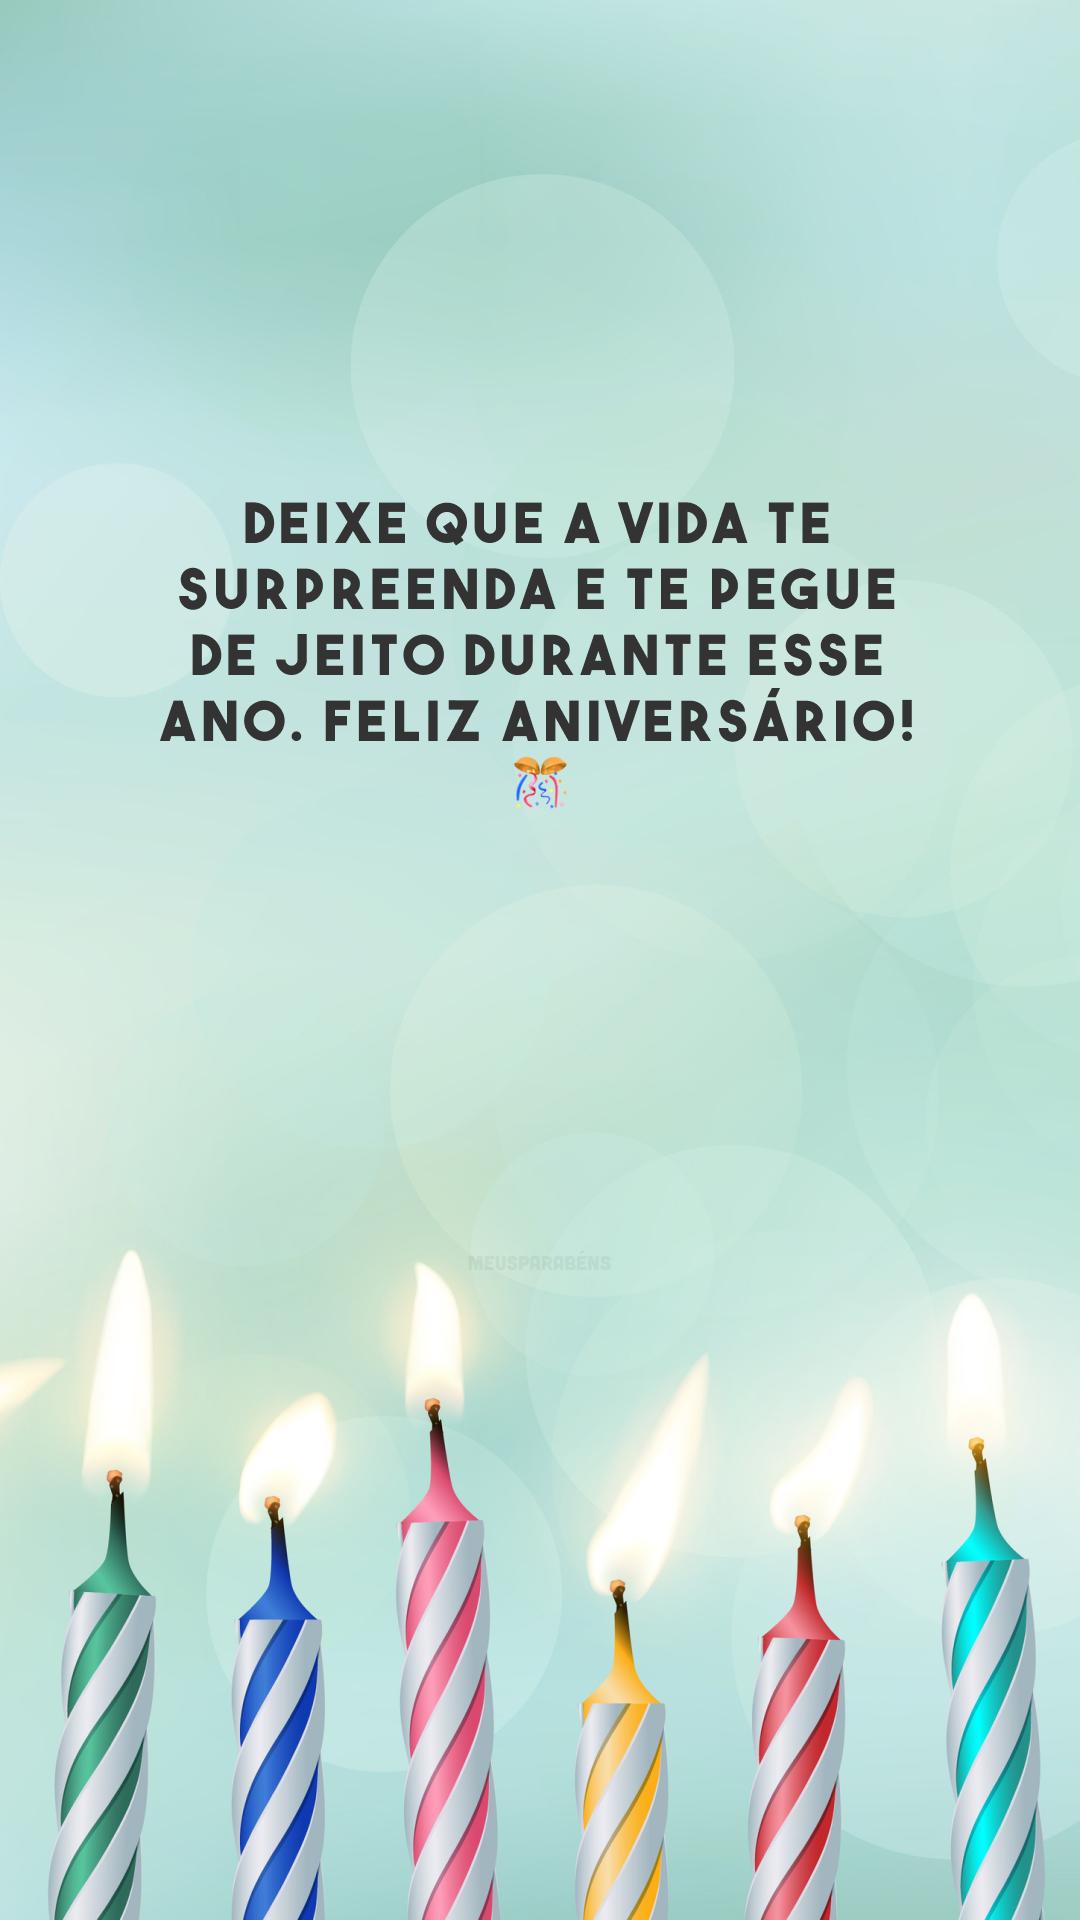 Deixe que a vida te surpreenda e te pegue de jeito durante esse ano. Feliz aniversário! 🎊